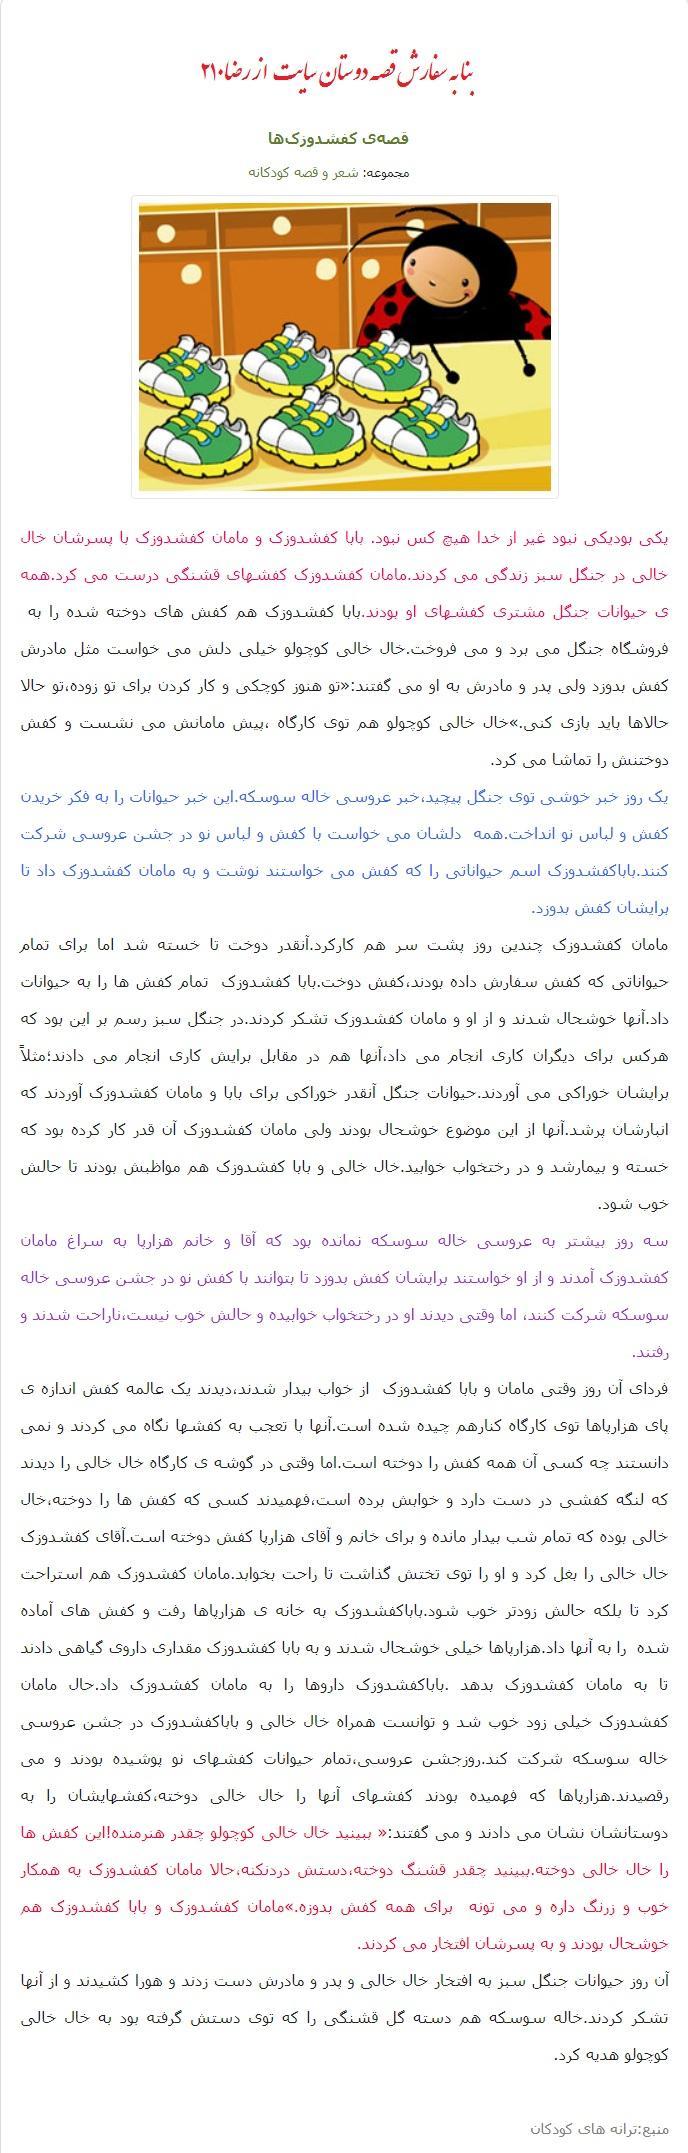 آهای قصه قصه قصه ، نون و پنیر و پسته - رضا   210